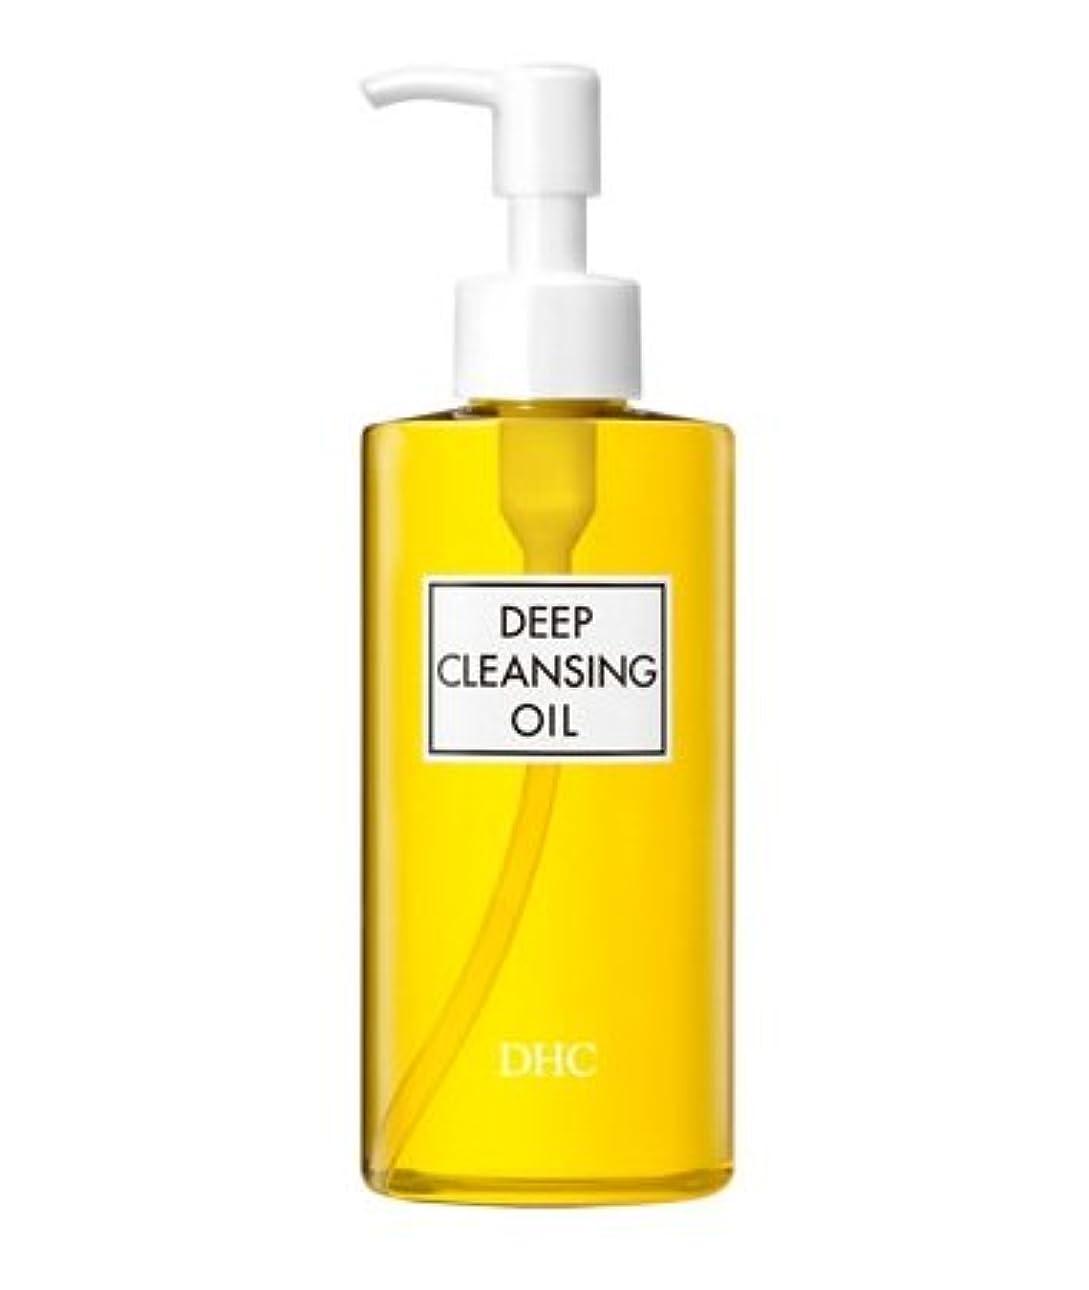 アグネスグレイインフレーション刺繍DHC薬用ディープクレンジングオイル(L) 200ML  (並行輸入品)